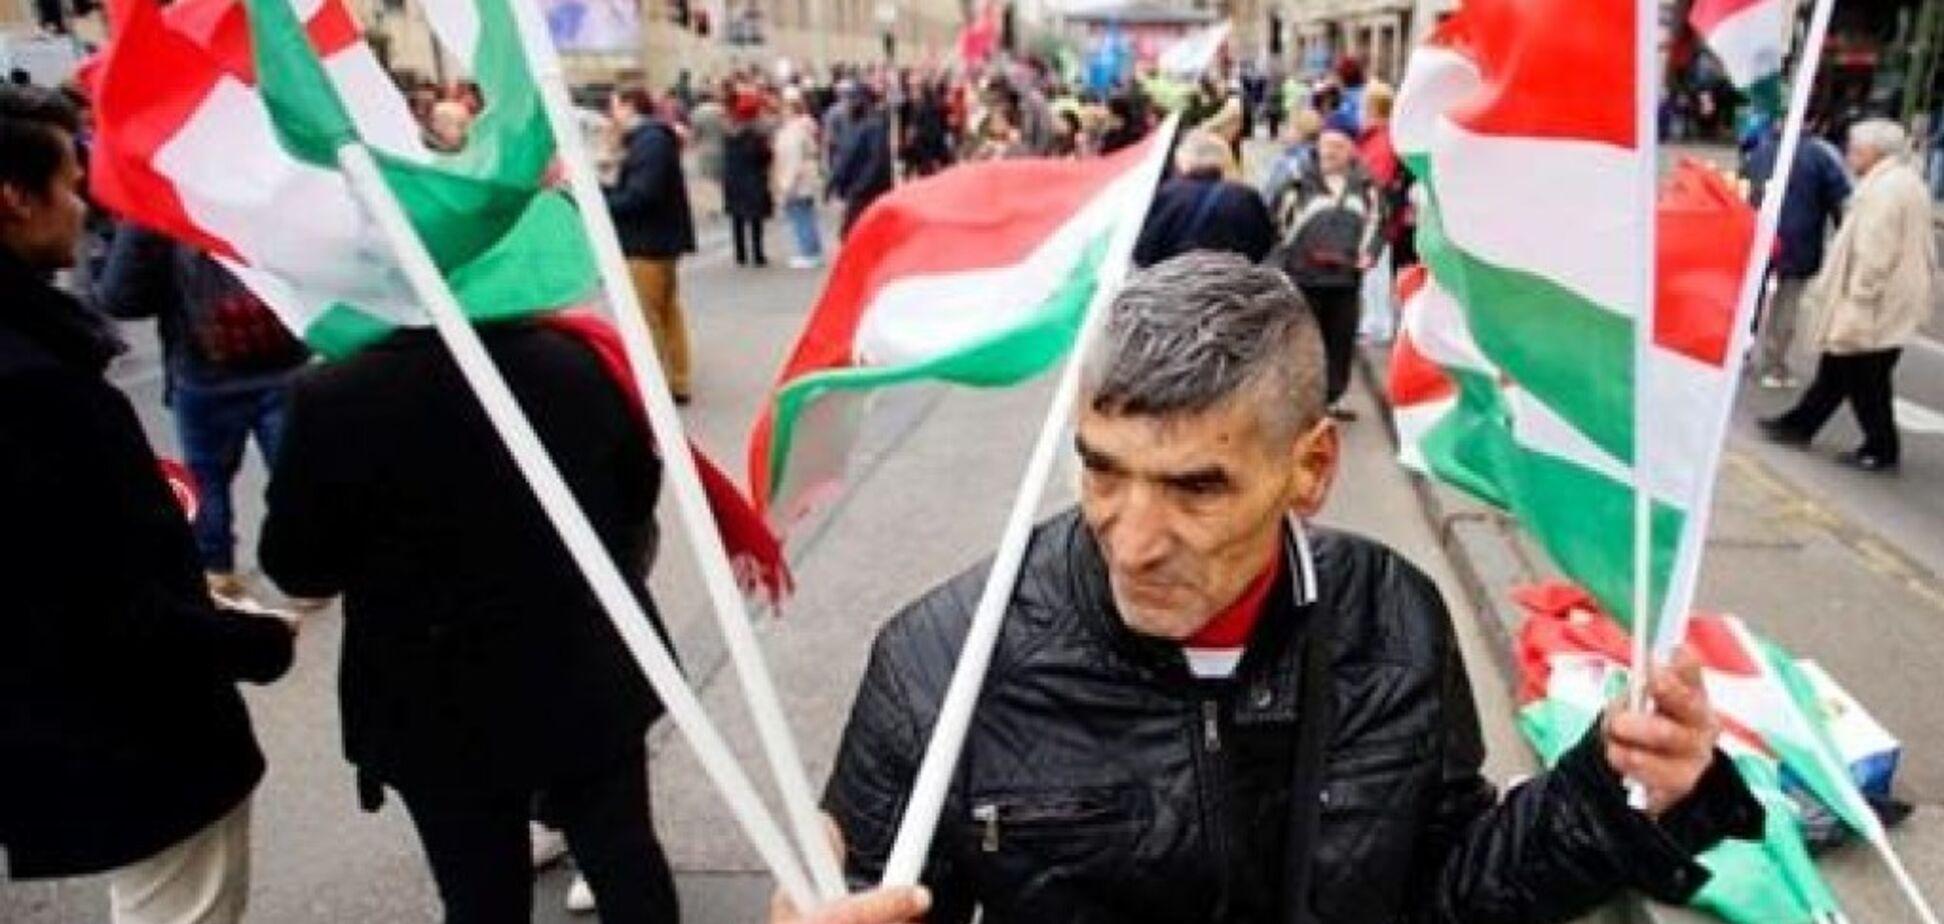 ''Готовятся к оккупации'': украинцы опасаются проделок Венгрии на Закарпатье